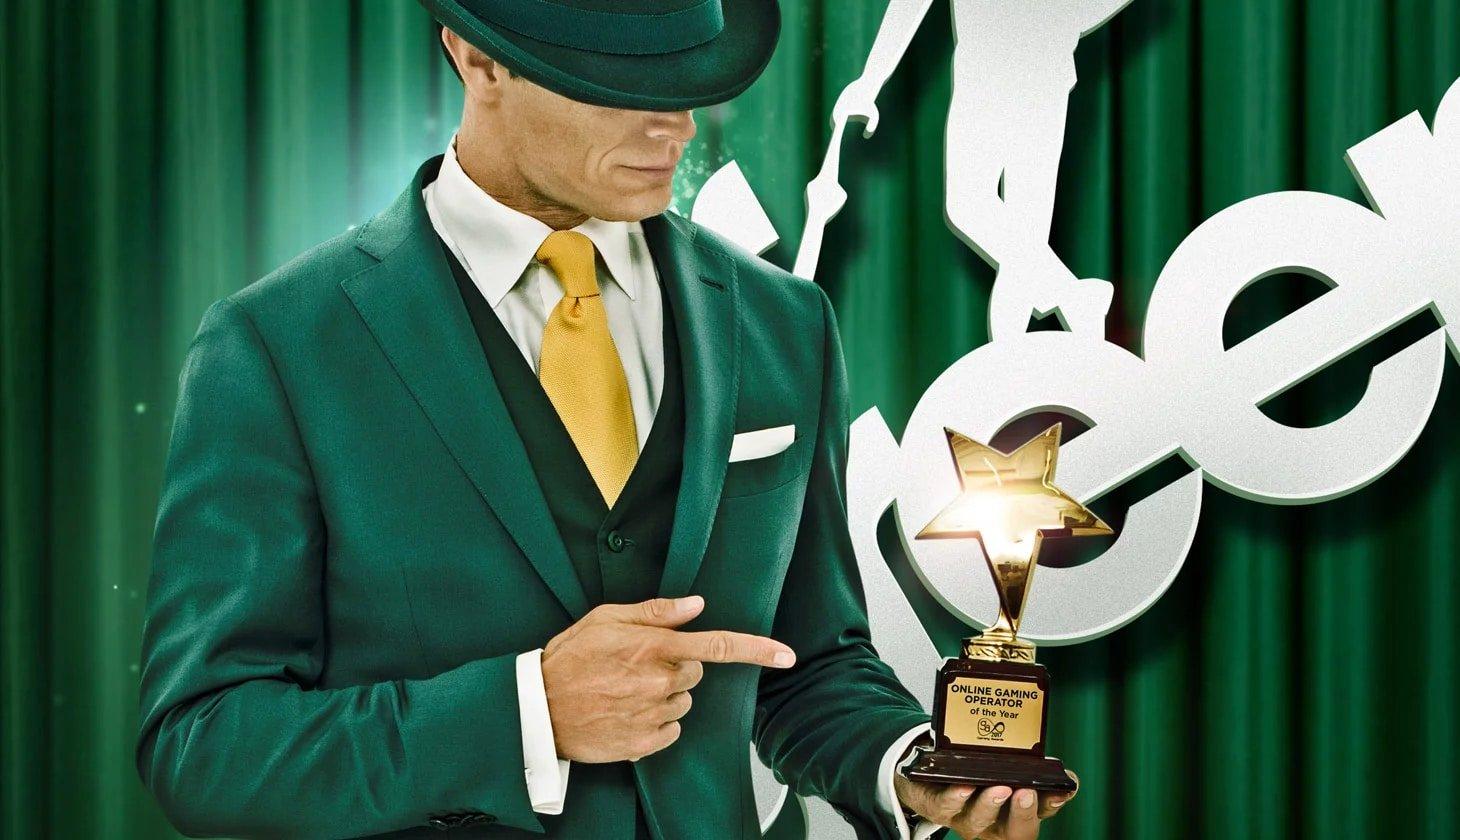 Svenska casinogiganten tar in spel från ny utvecklare